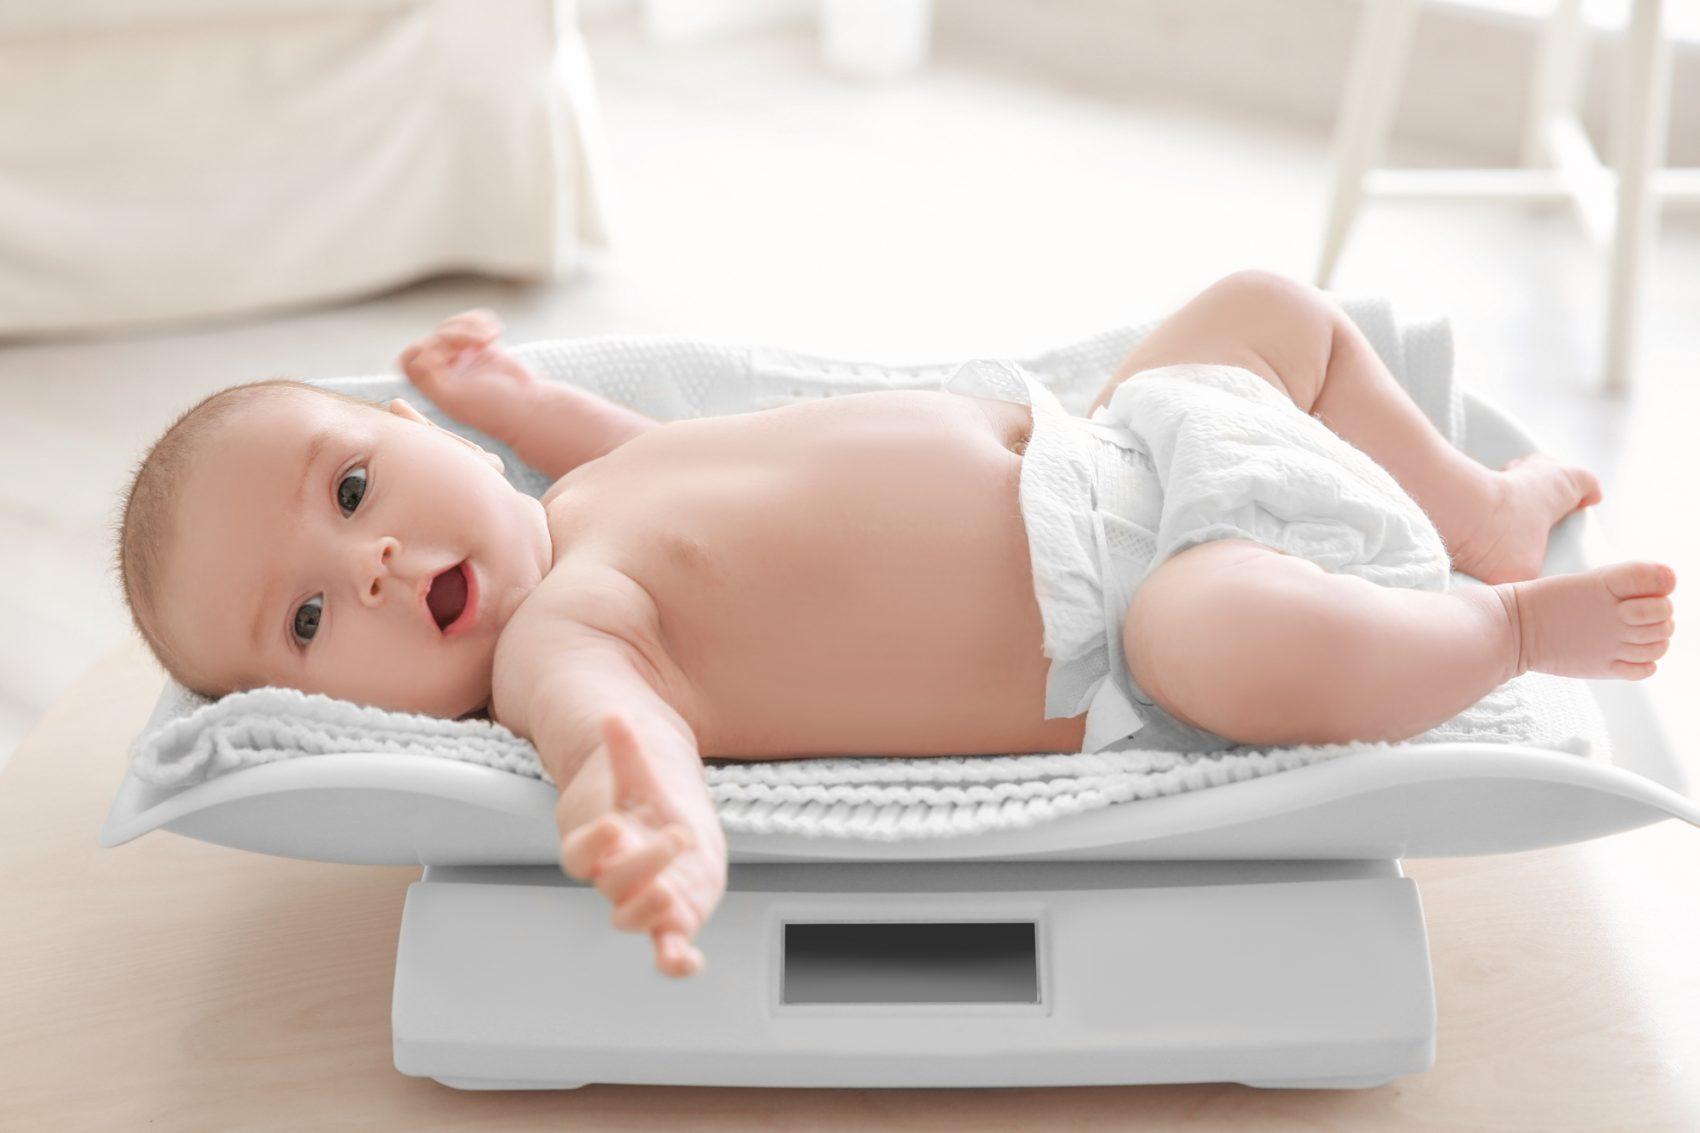 Bambino su bilancia per misurare tabella peso e altezza